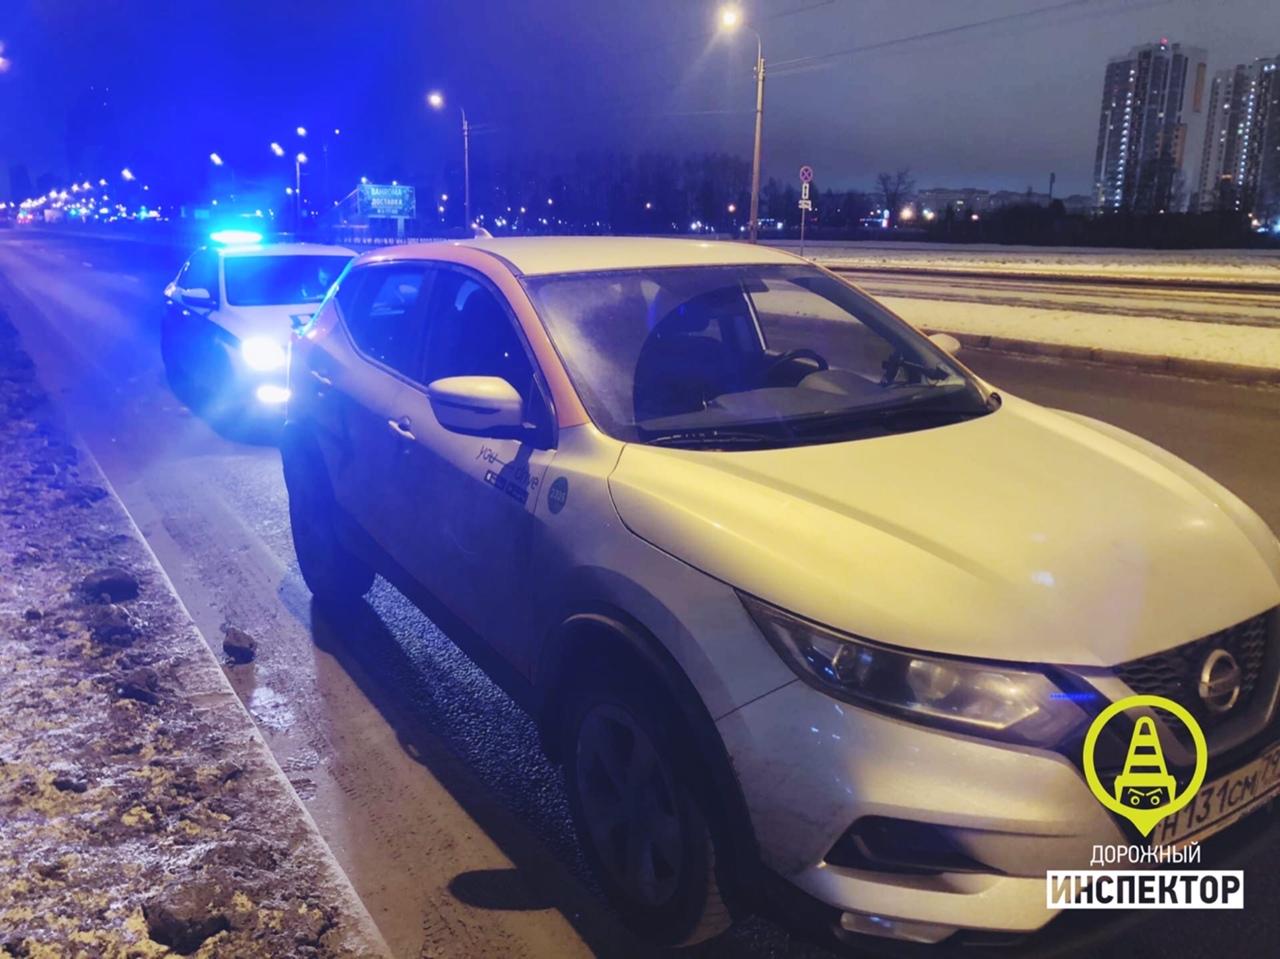 Сегодня ночью ДПС оставили очередного нетрезвого водителя каршеринга. 6 января, около 1:00 на Буха...